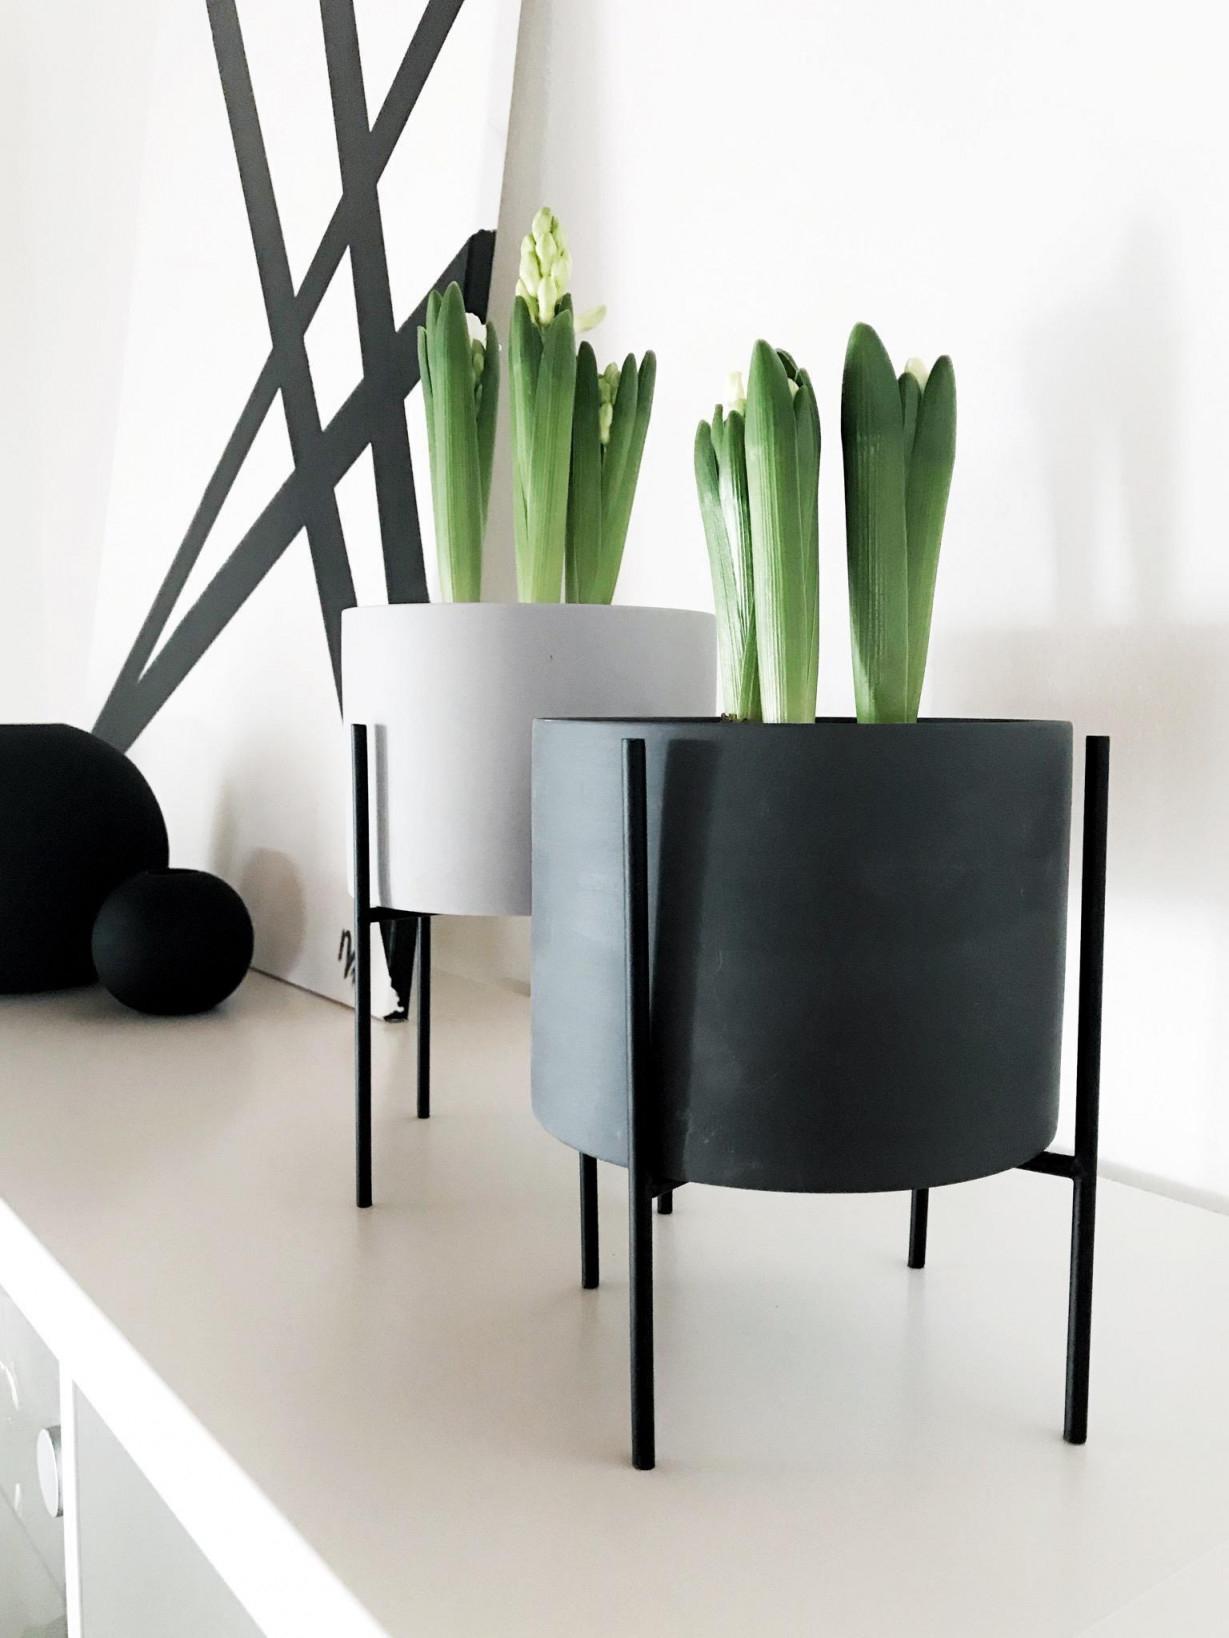 Blumentopf Inspiration Rund Um Blumentöpfe Bei Couch von Blumentopf Ideen Wohnzimmer Bild